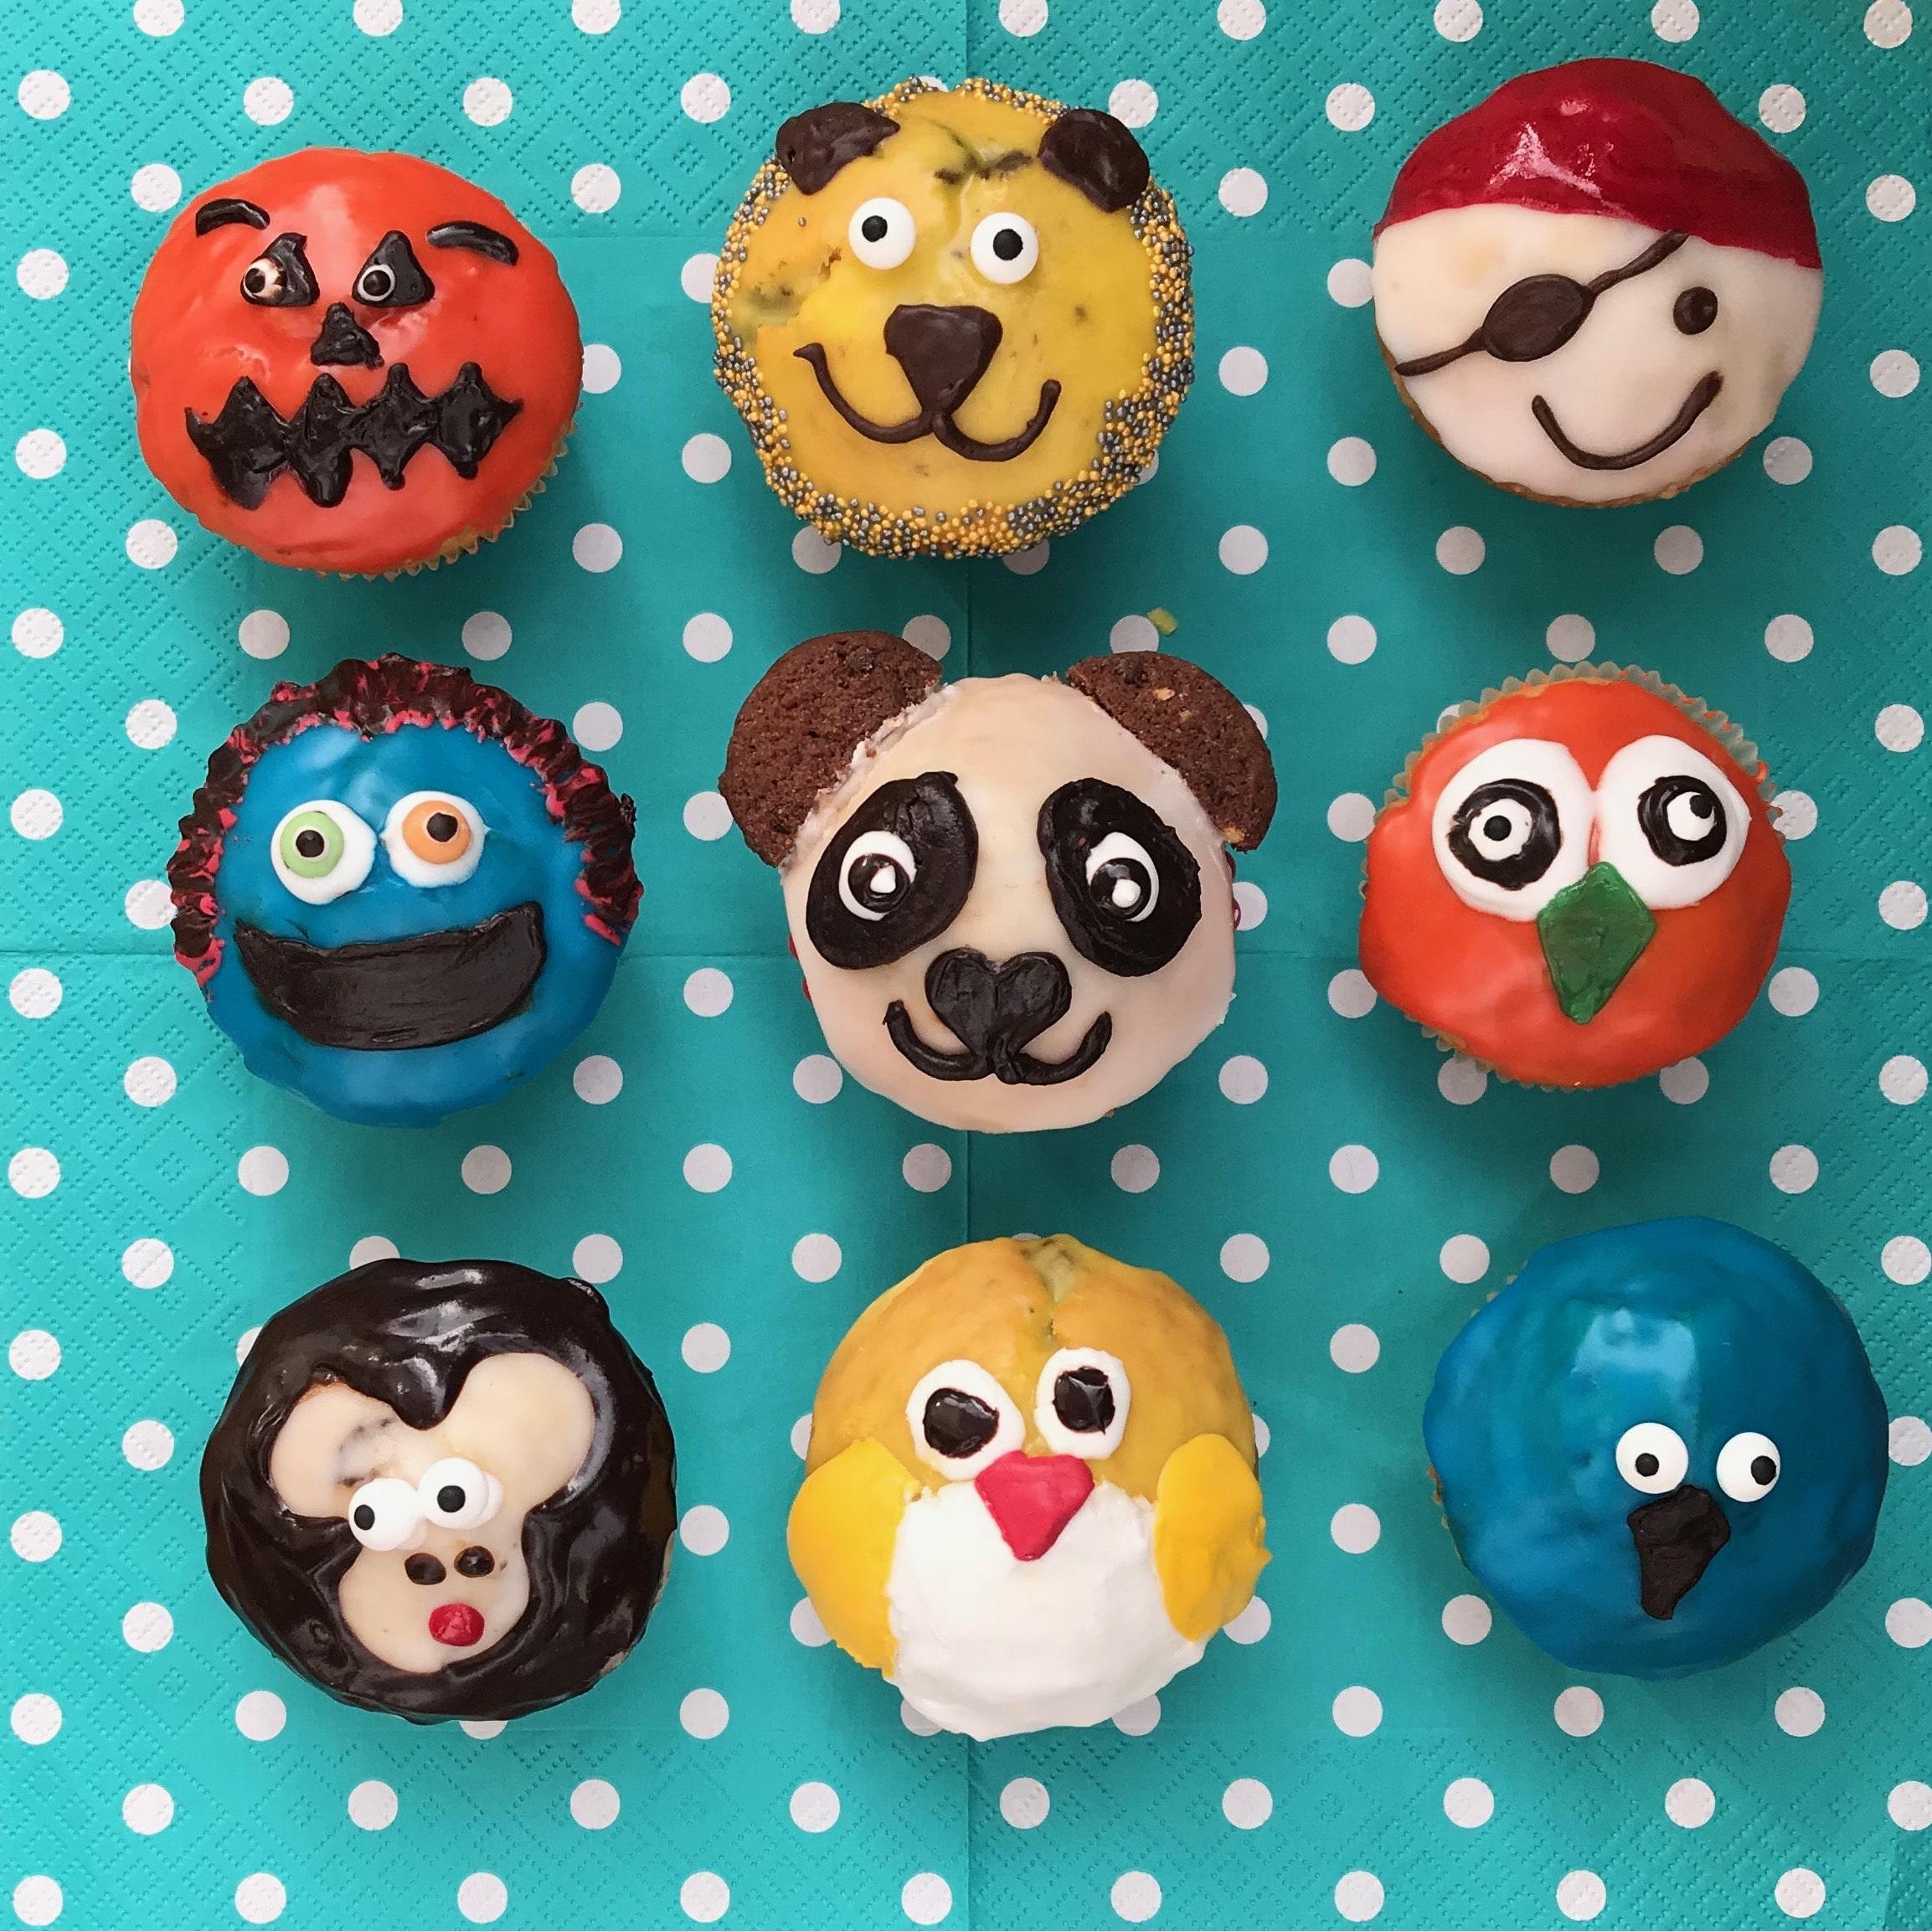 Lustige Muffins Mit Schokostücken - Einfaches Rezept Für Den verwandt mit Lustige Muffins Für Kindergeburtstag